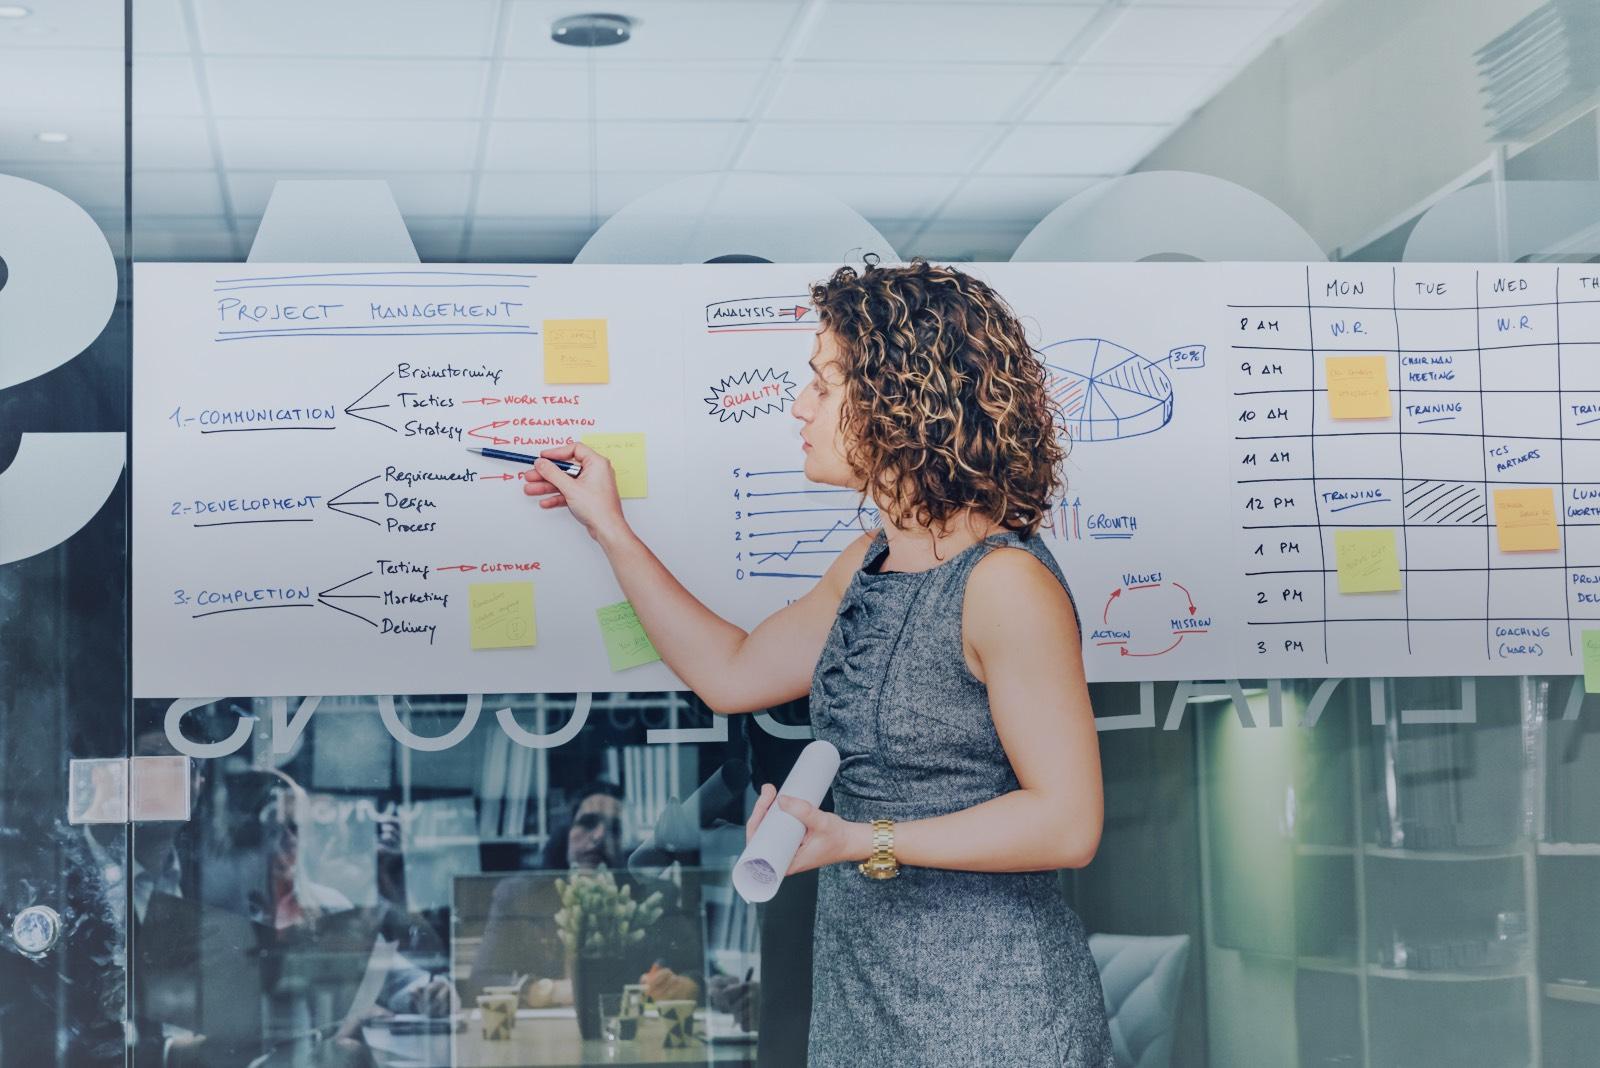 Agiles Projektmanagement: der Weg zu zufriedenen Kunden